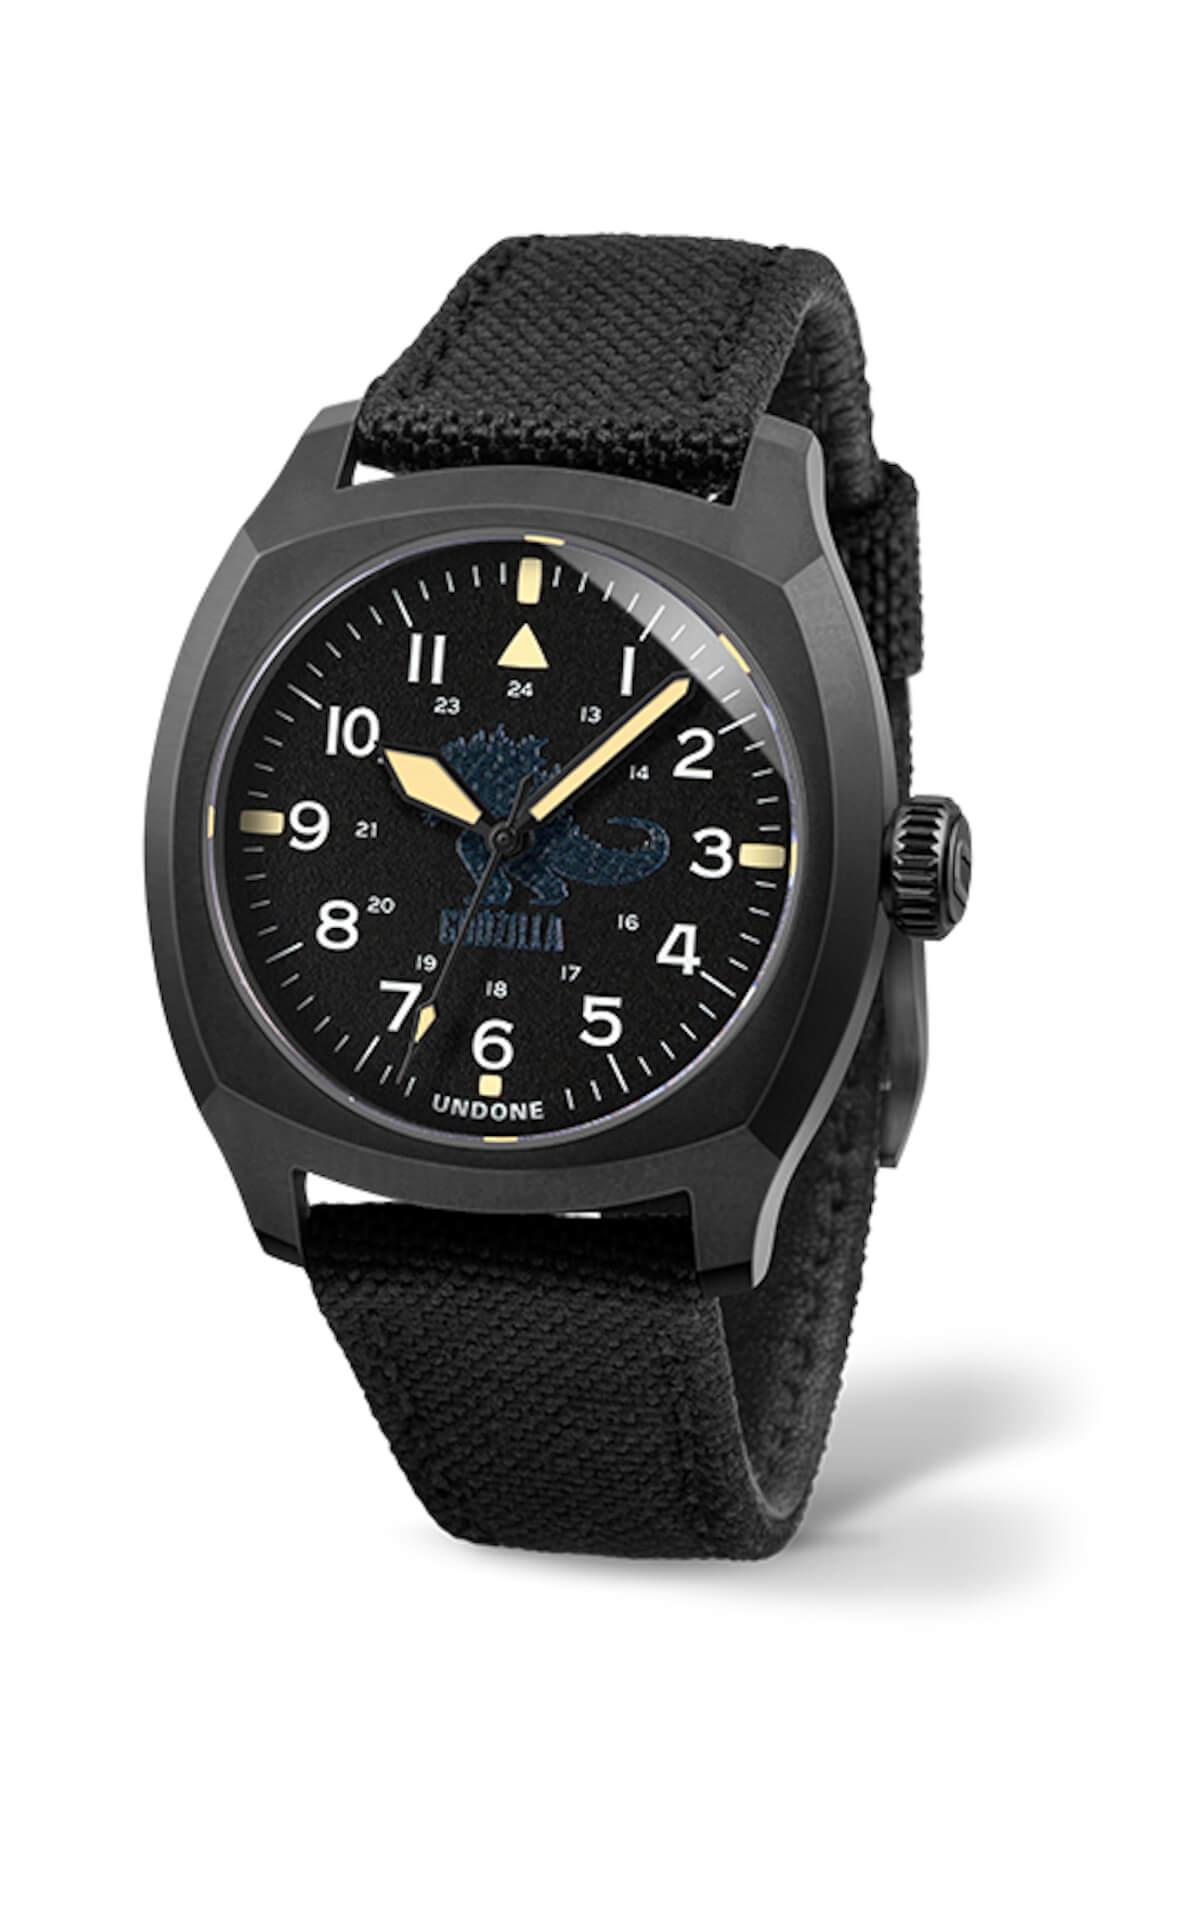 ゴジラとキングコングが腕時計に!UNDONEと『ゴジラvsコング』のコラボウォッチ2モデルが登場 tech210520_undone_godzilla_4